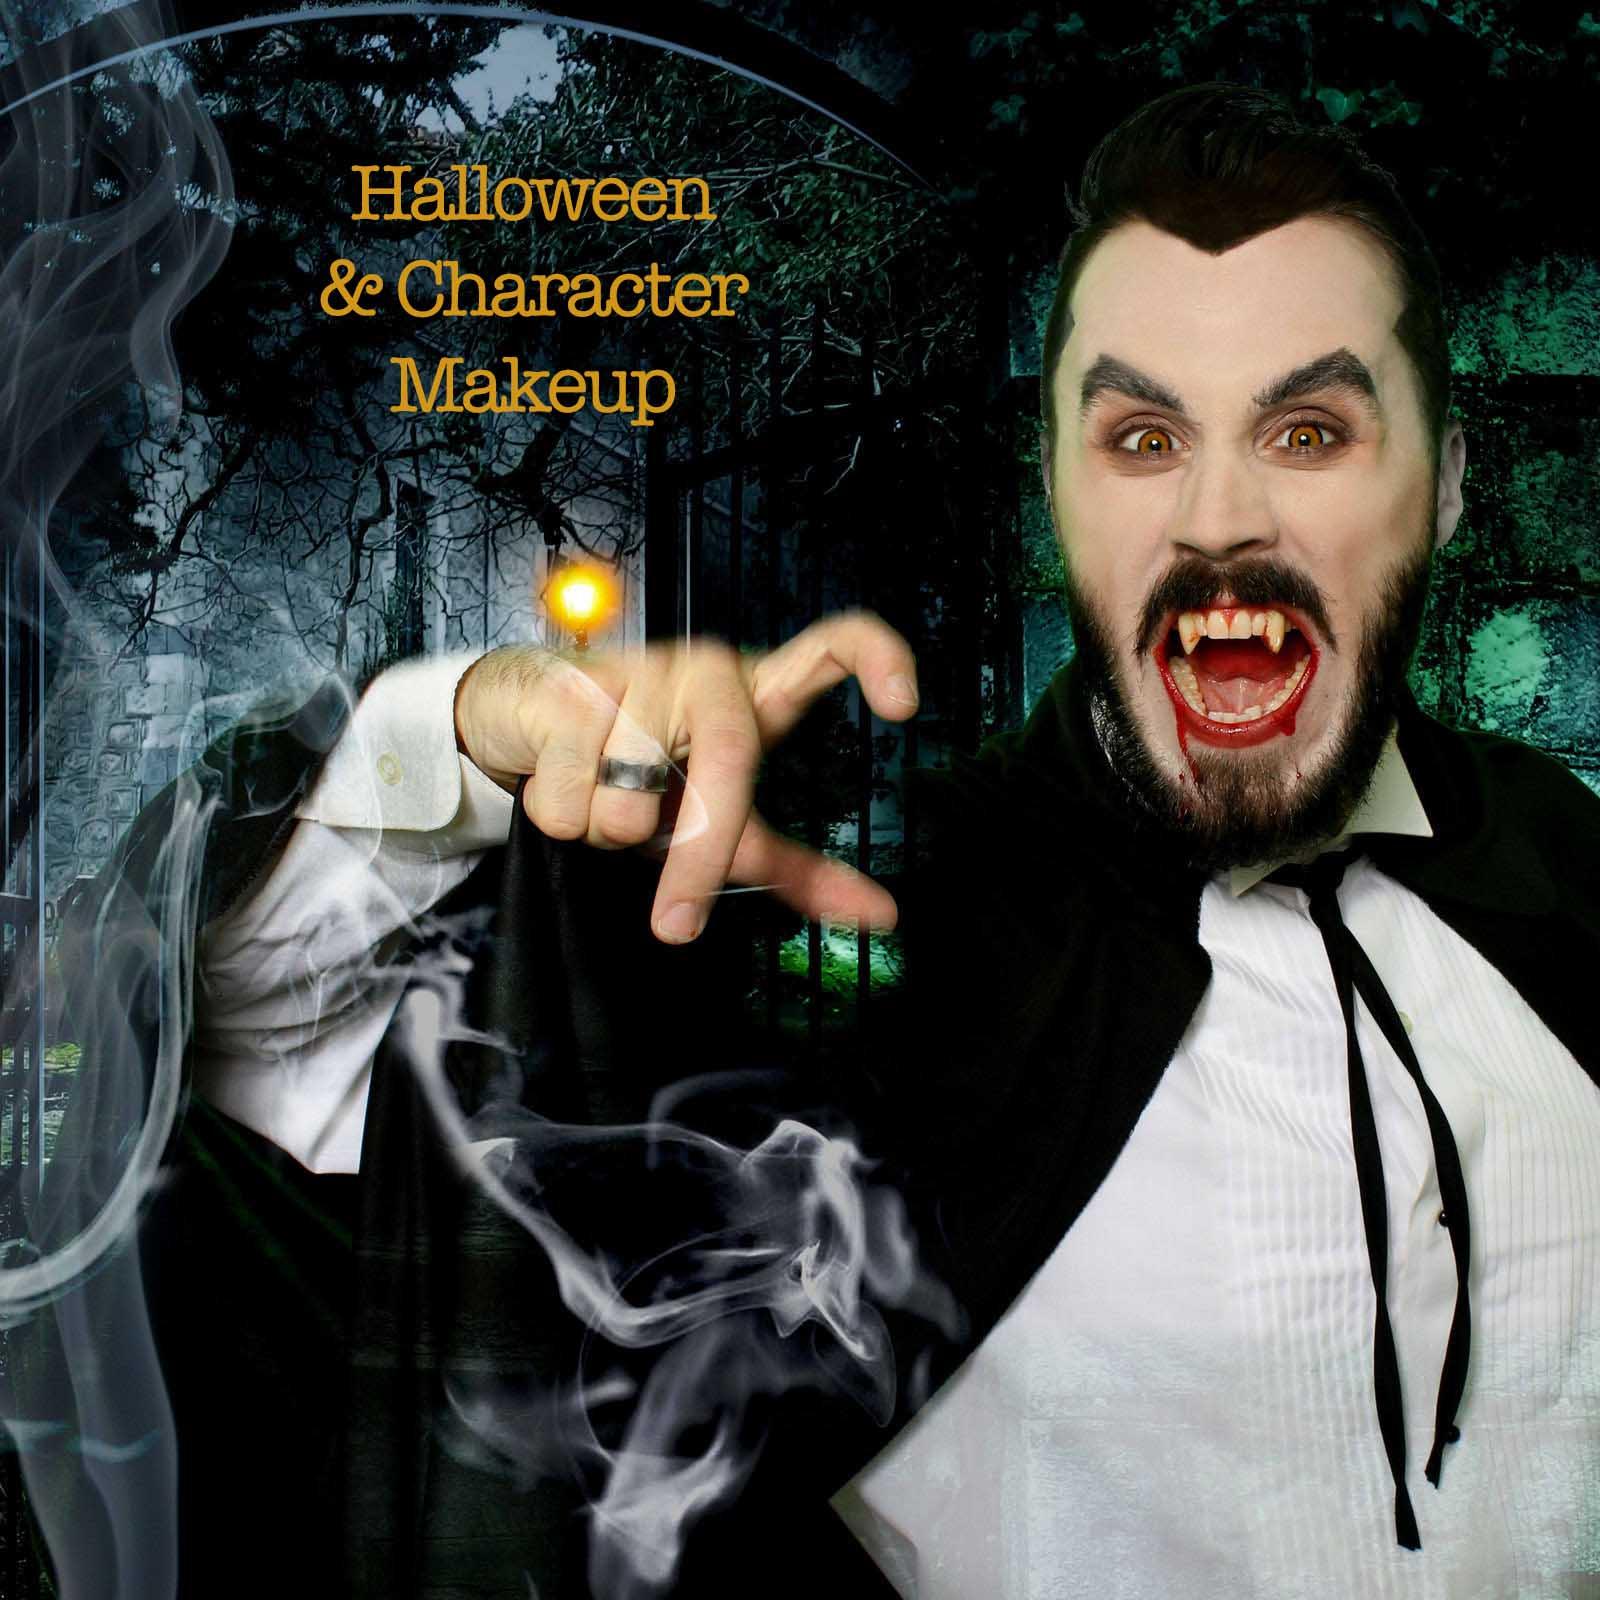 Halloween-CharacterMakeup copy.jpg